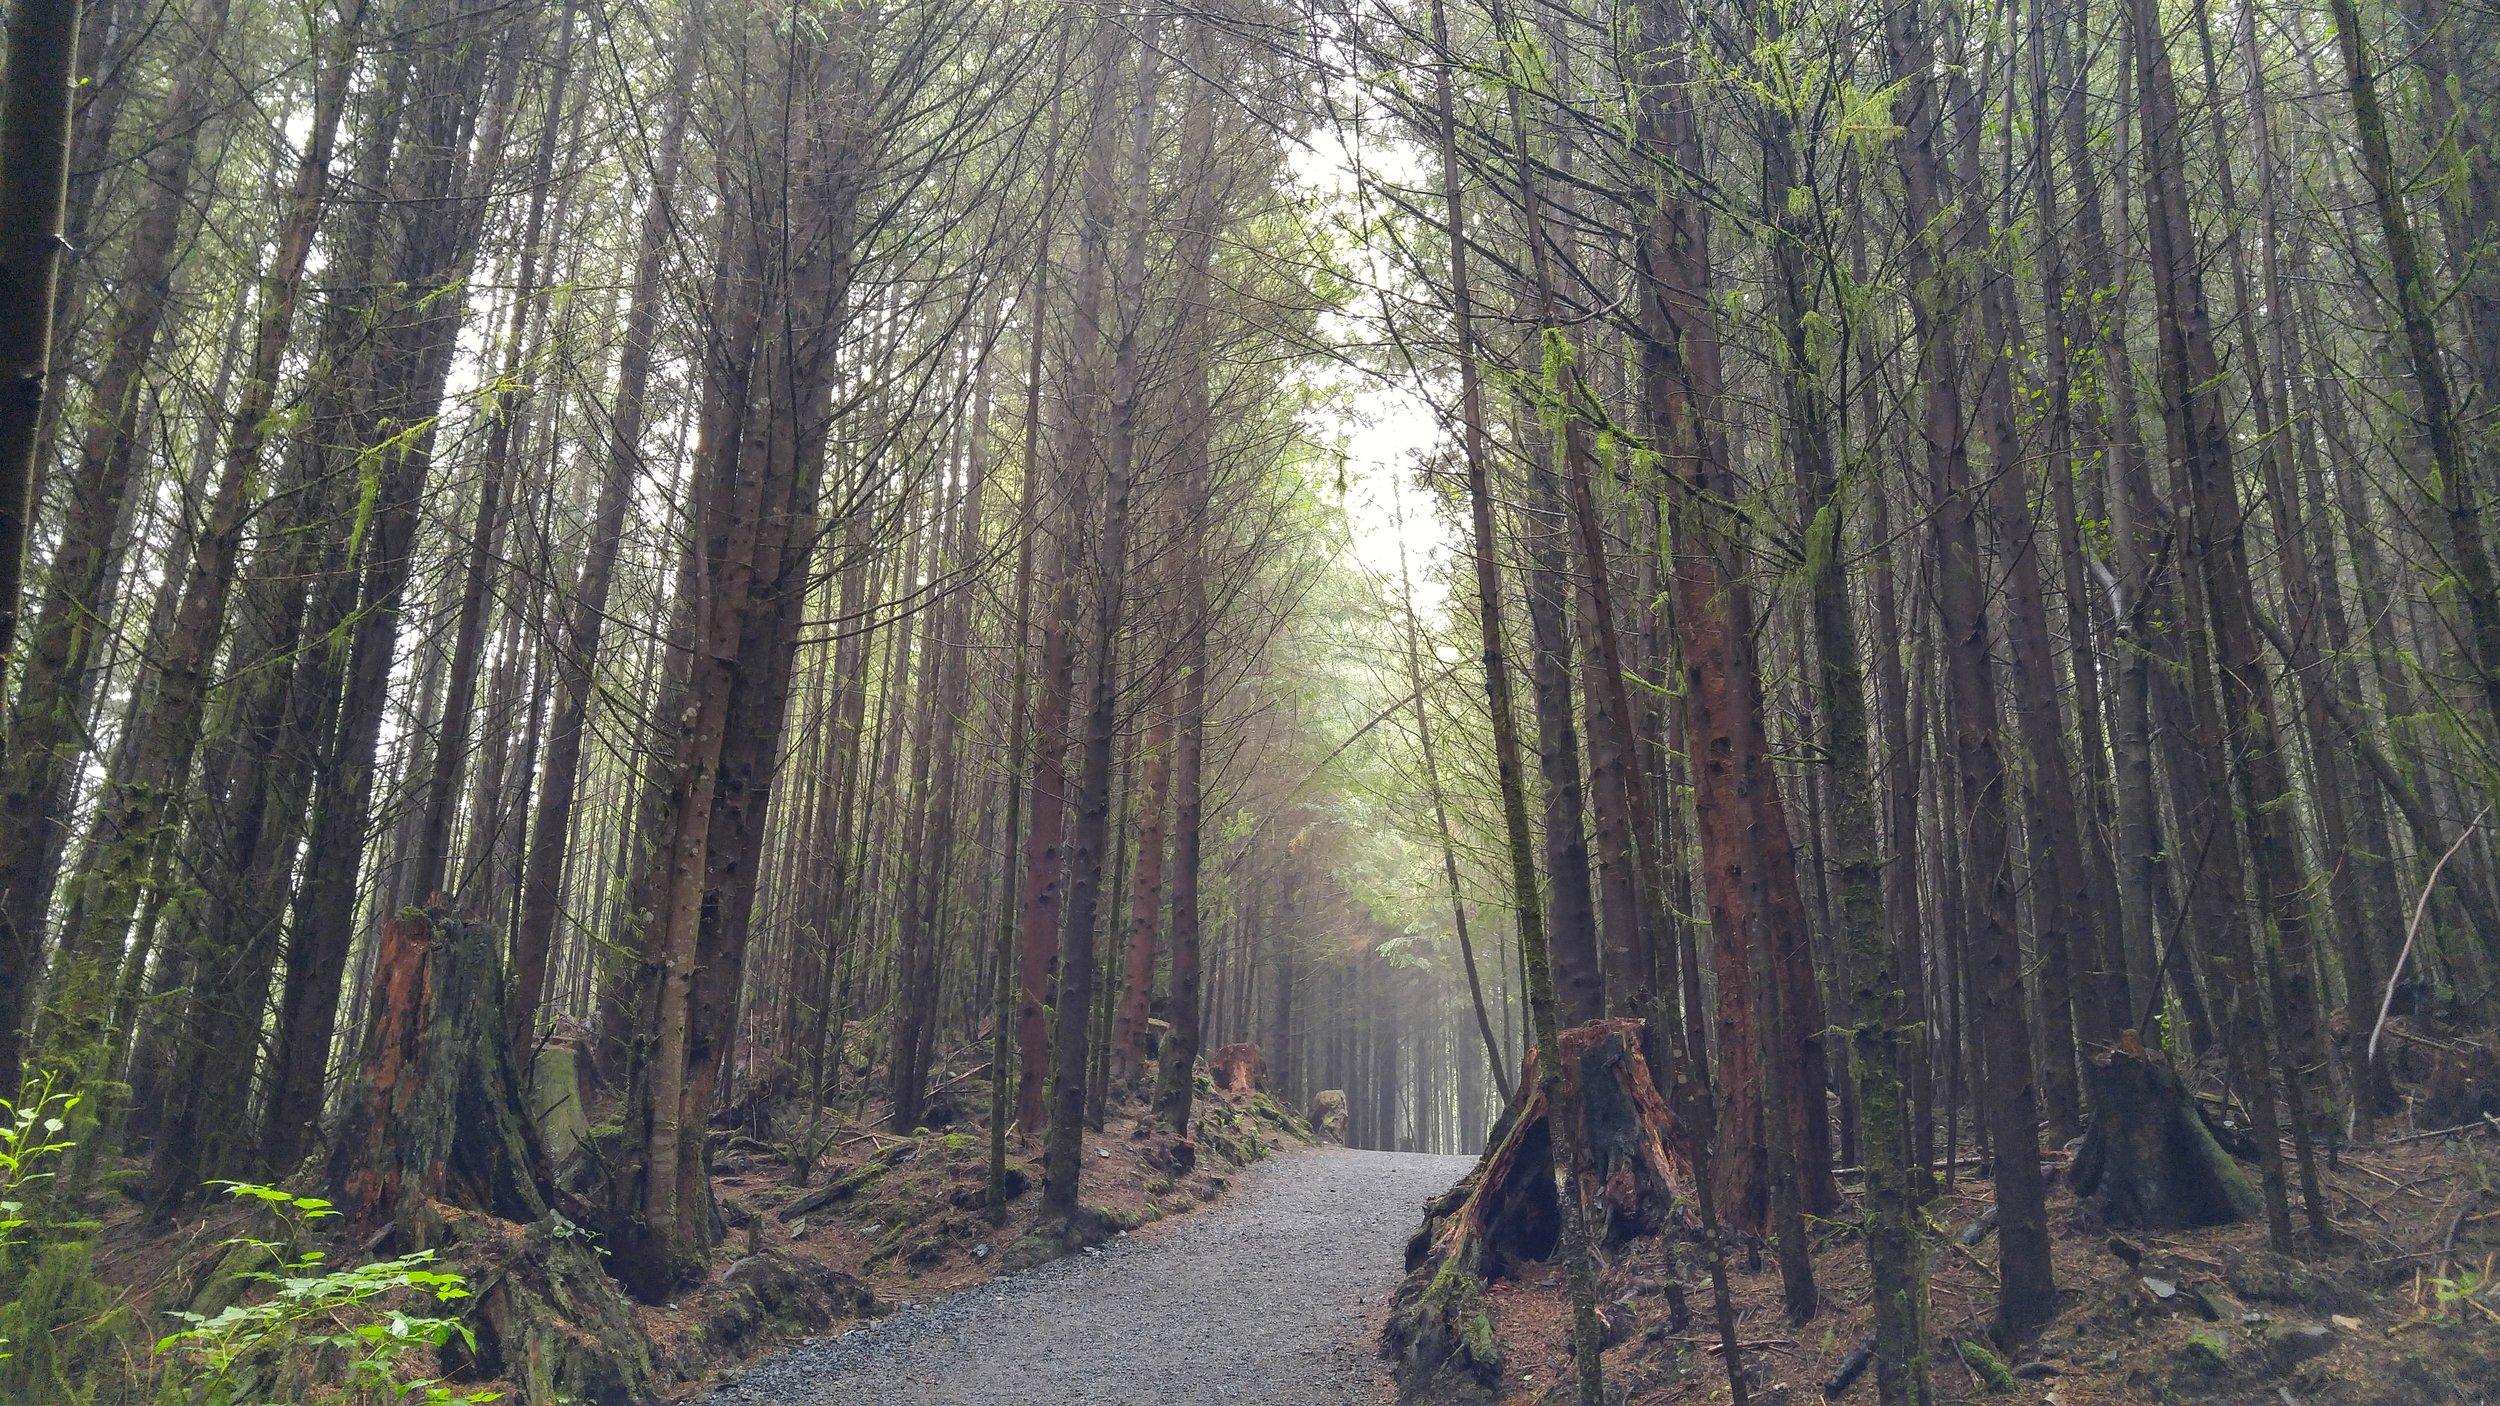 A forest along Sooke Road. I call it  Mirkwood .